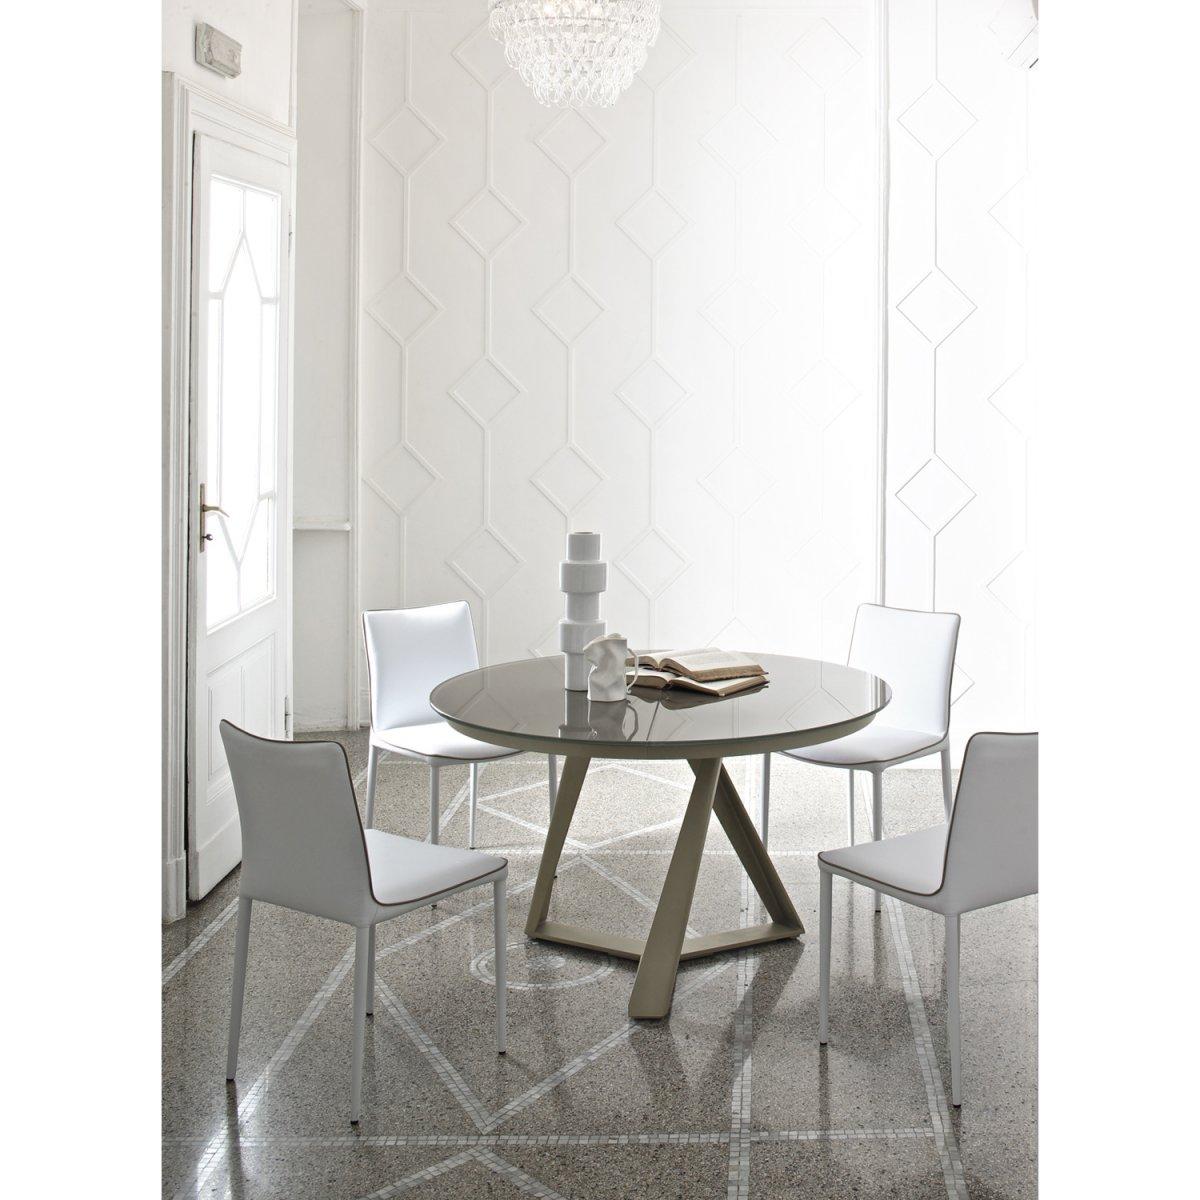 Bontempi casa tavolo millennium allungabile 125x75 cristallo laccato bontempi casa tavoli e - Tavolo cristallo allungabile ...